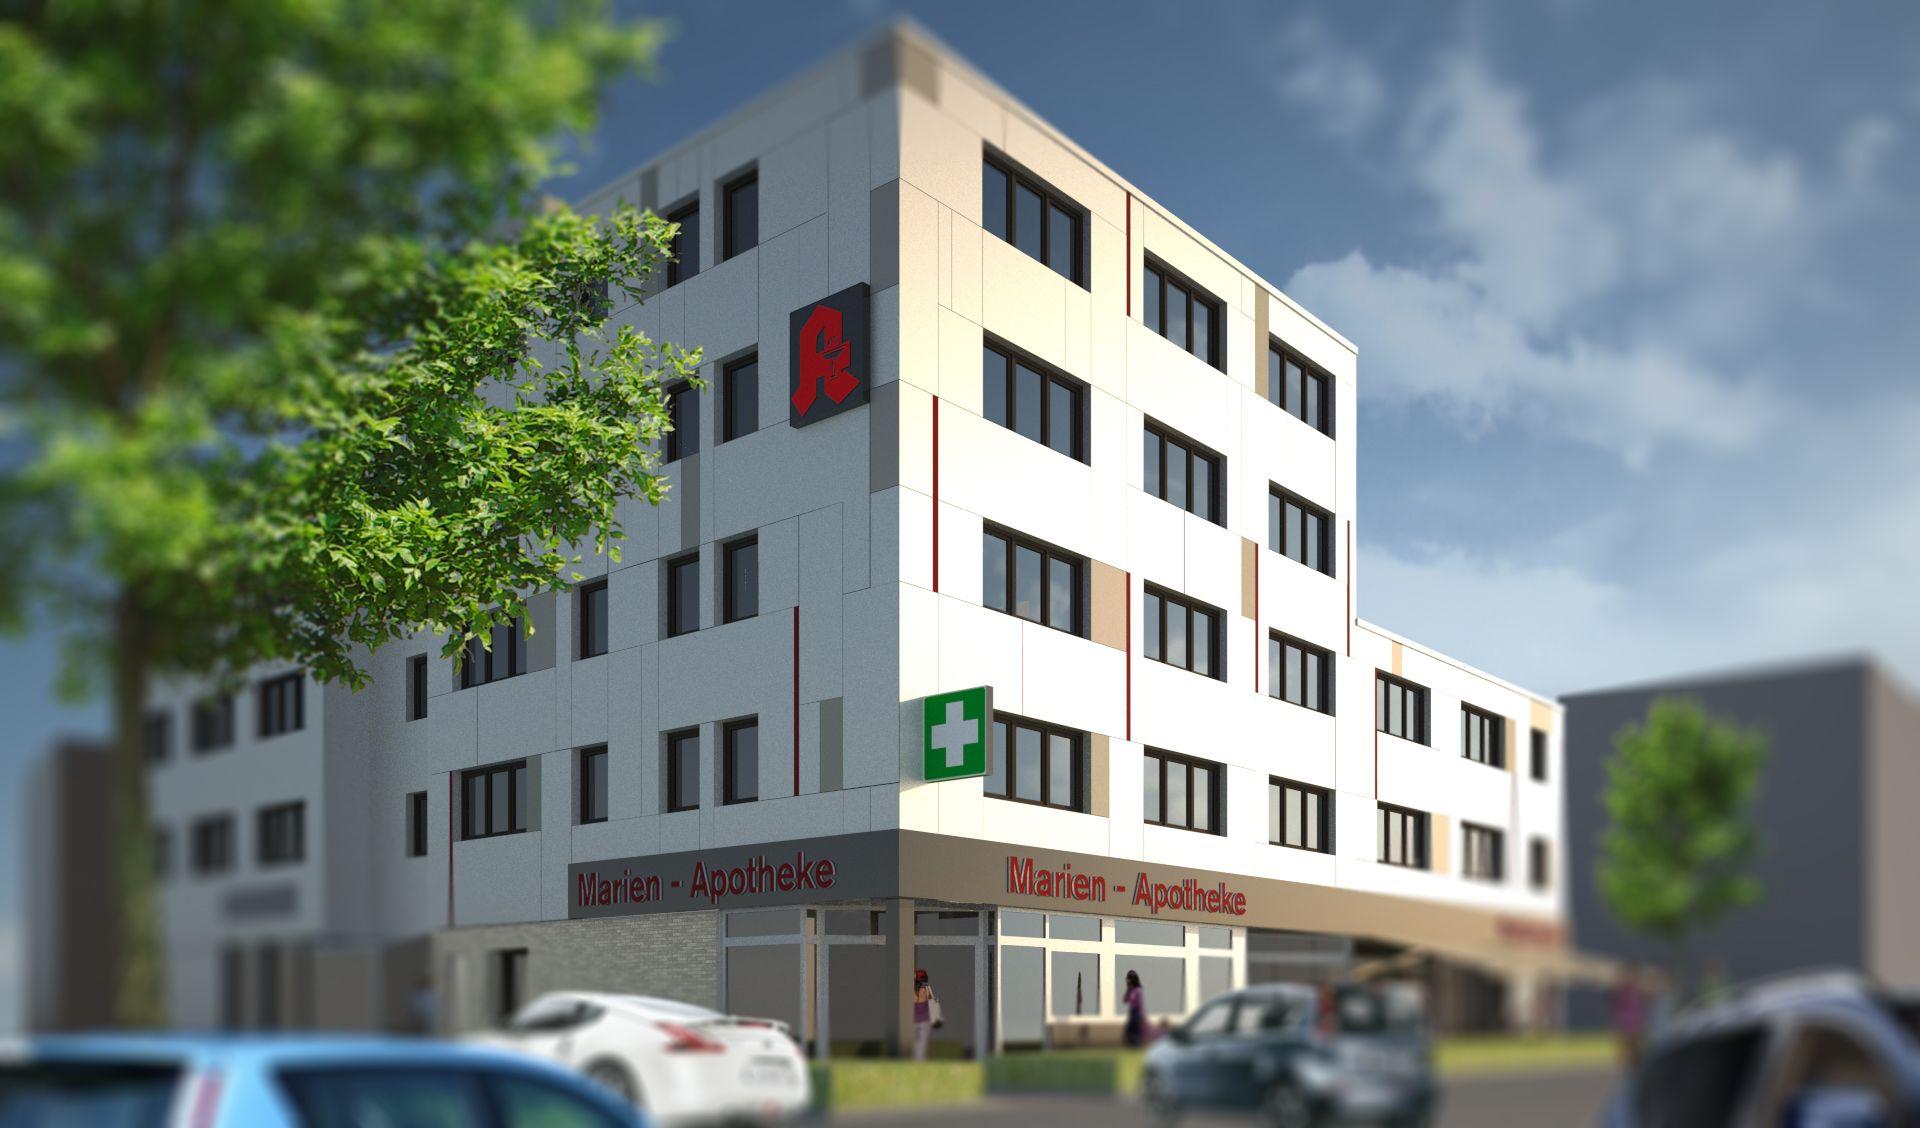 Architekt Leverkusen eine veränderung vom erscheinungsbild des montanuszentrum in